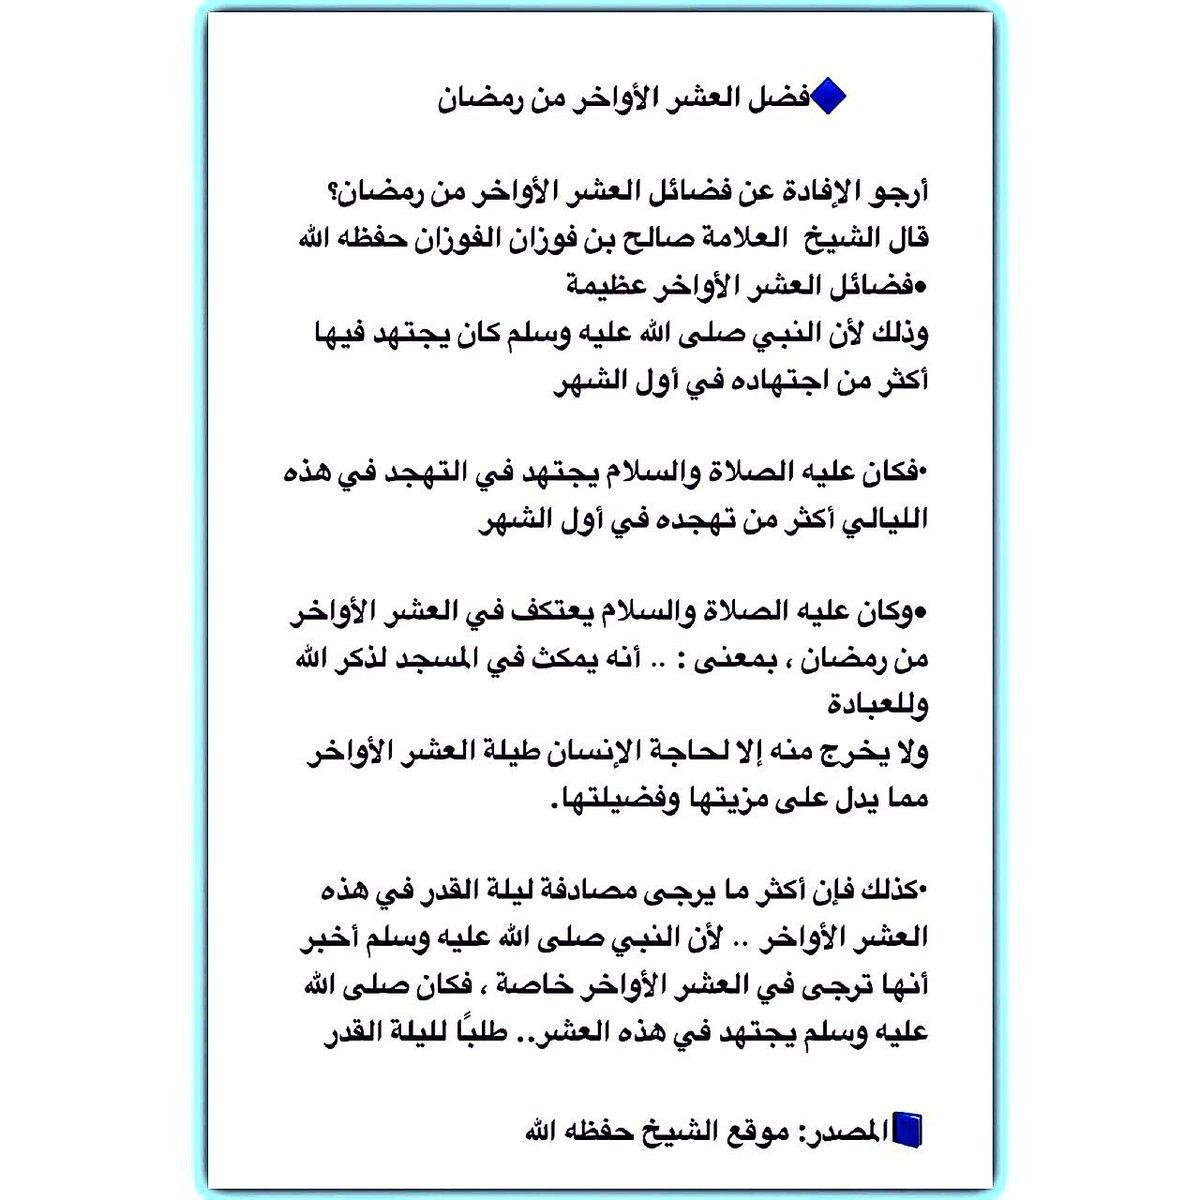 العلامة صالح الفوزان Twitterren فضل العشر الأواخر من رمضان